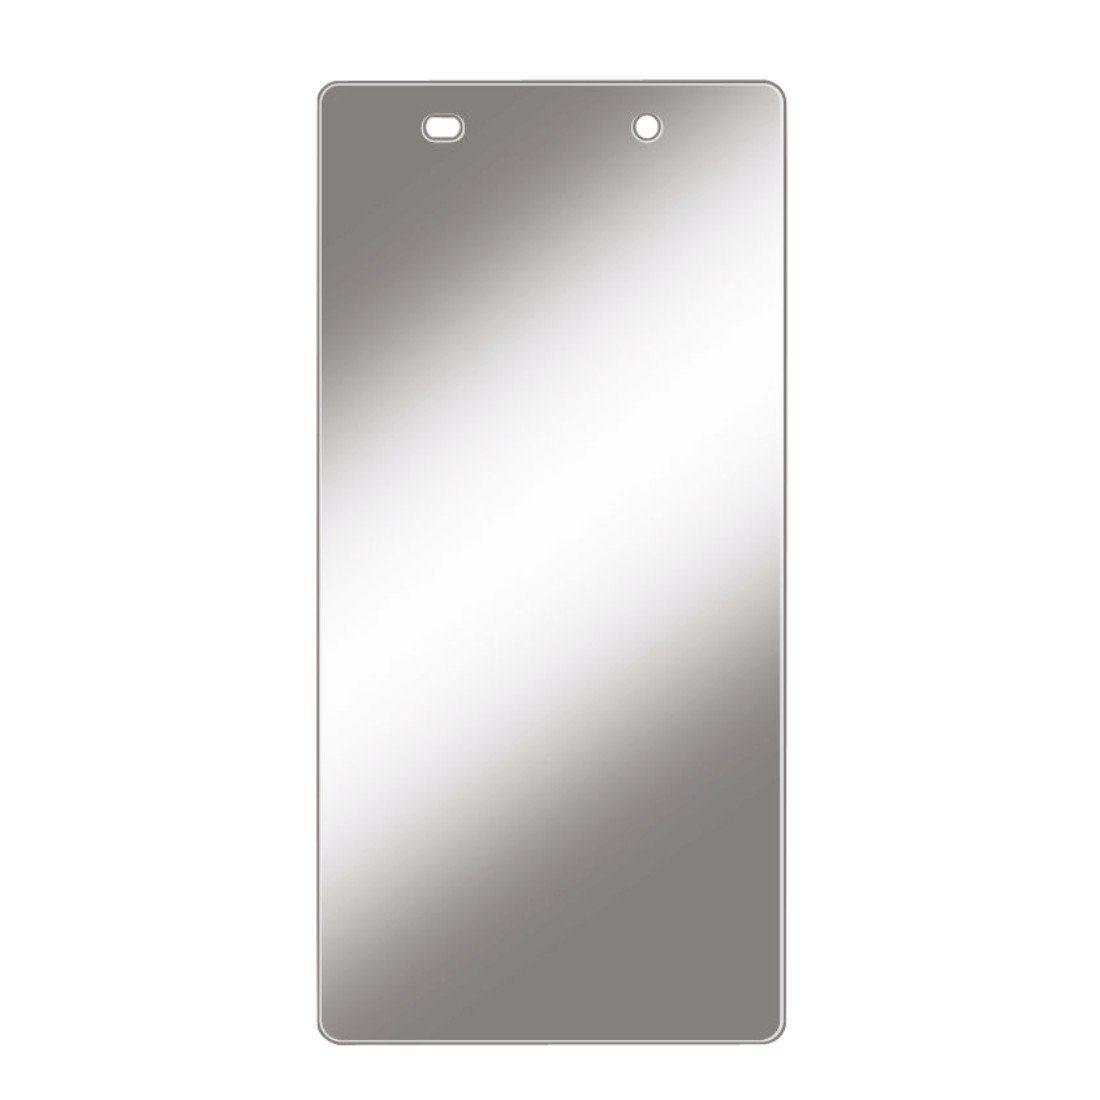 Hama Display-Schutzfolie für Sony Xperia Z2, 2 Stück